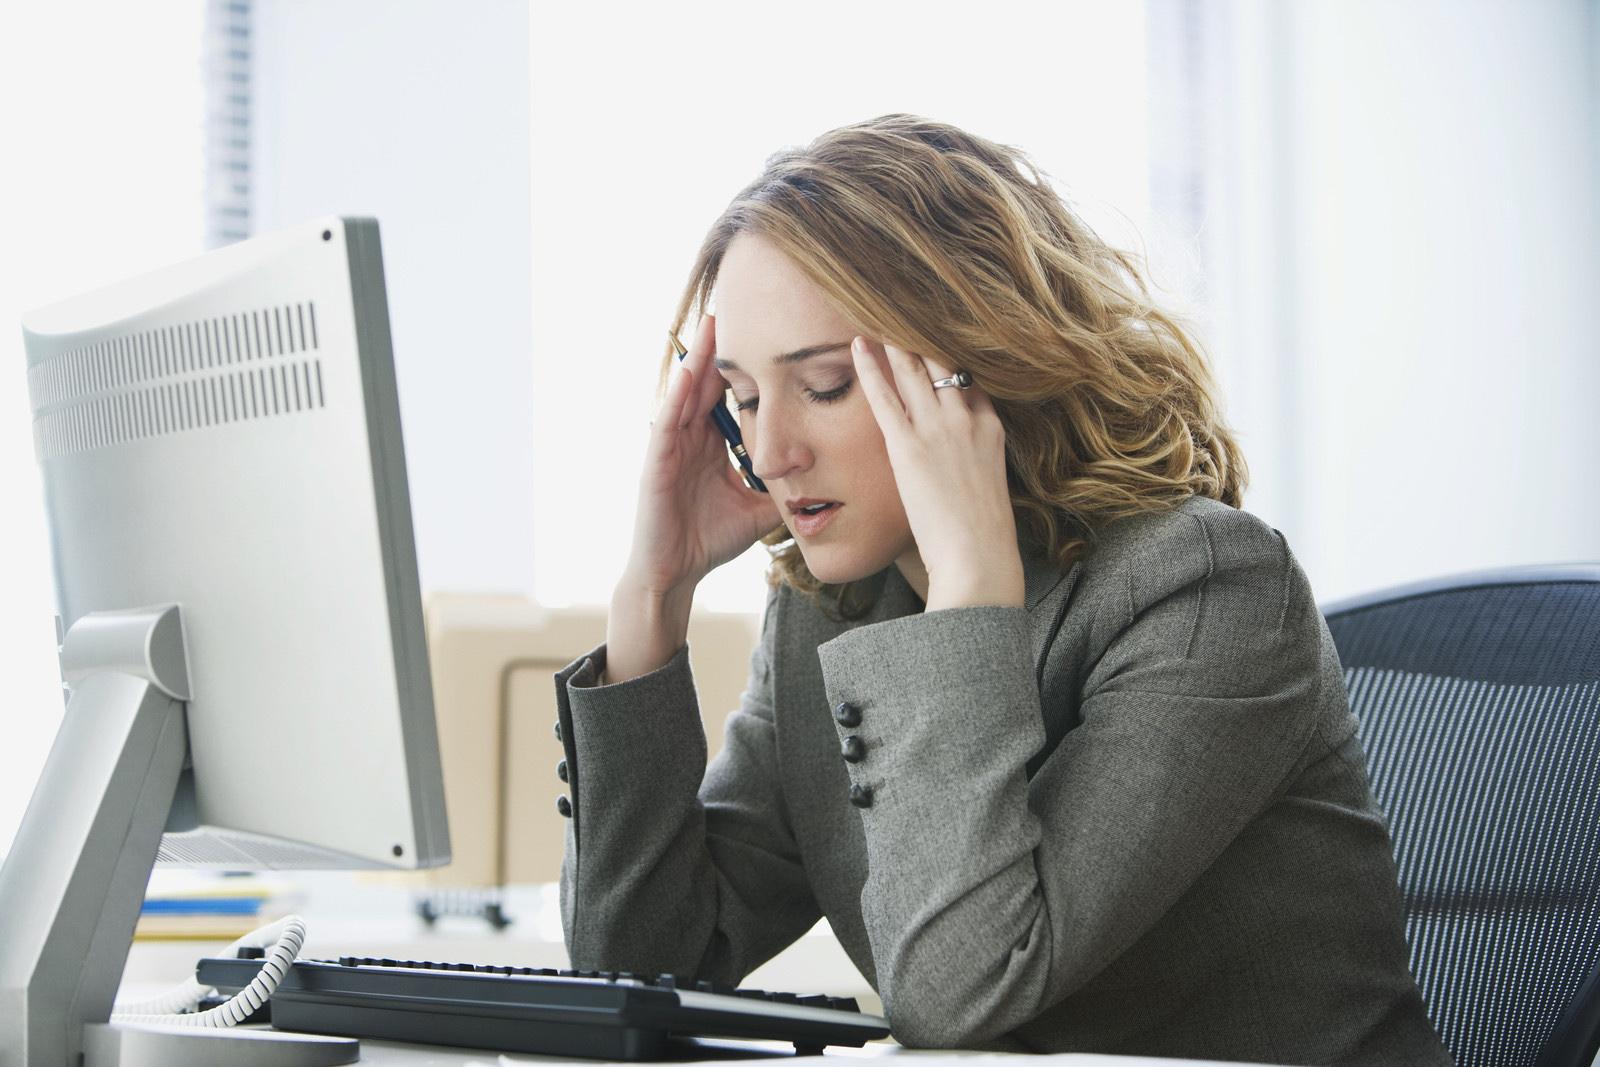 Căng thẳng kéo dài có thể làm ảnh hưởng đến sản xuất nội tiết tố